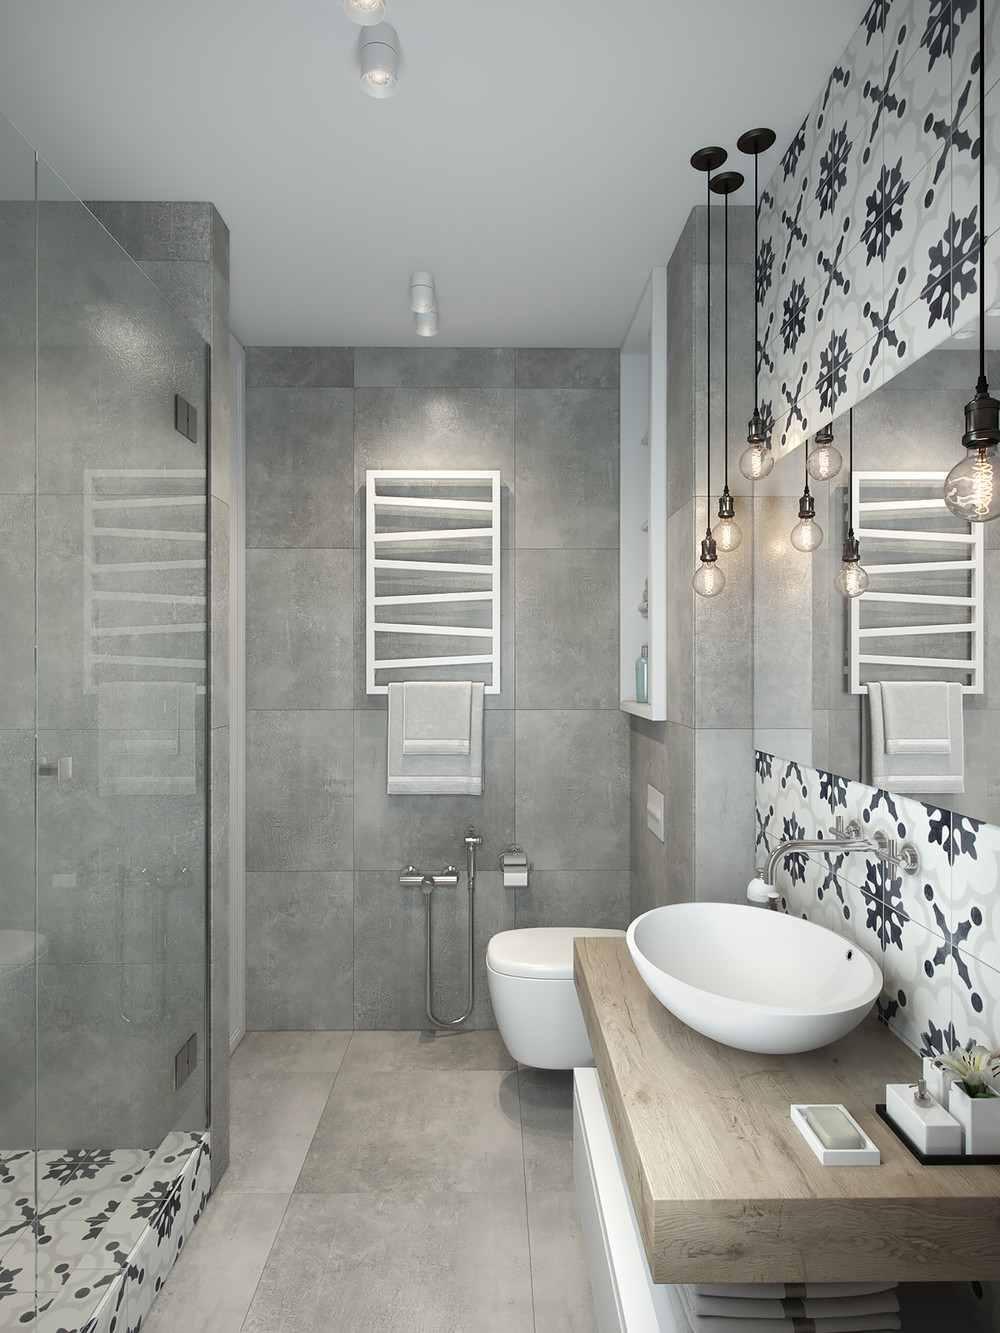 Decoracion de apartamentos peque os dise os de moda for Acabados para apartamentos pequenos